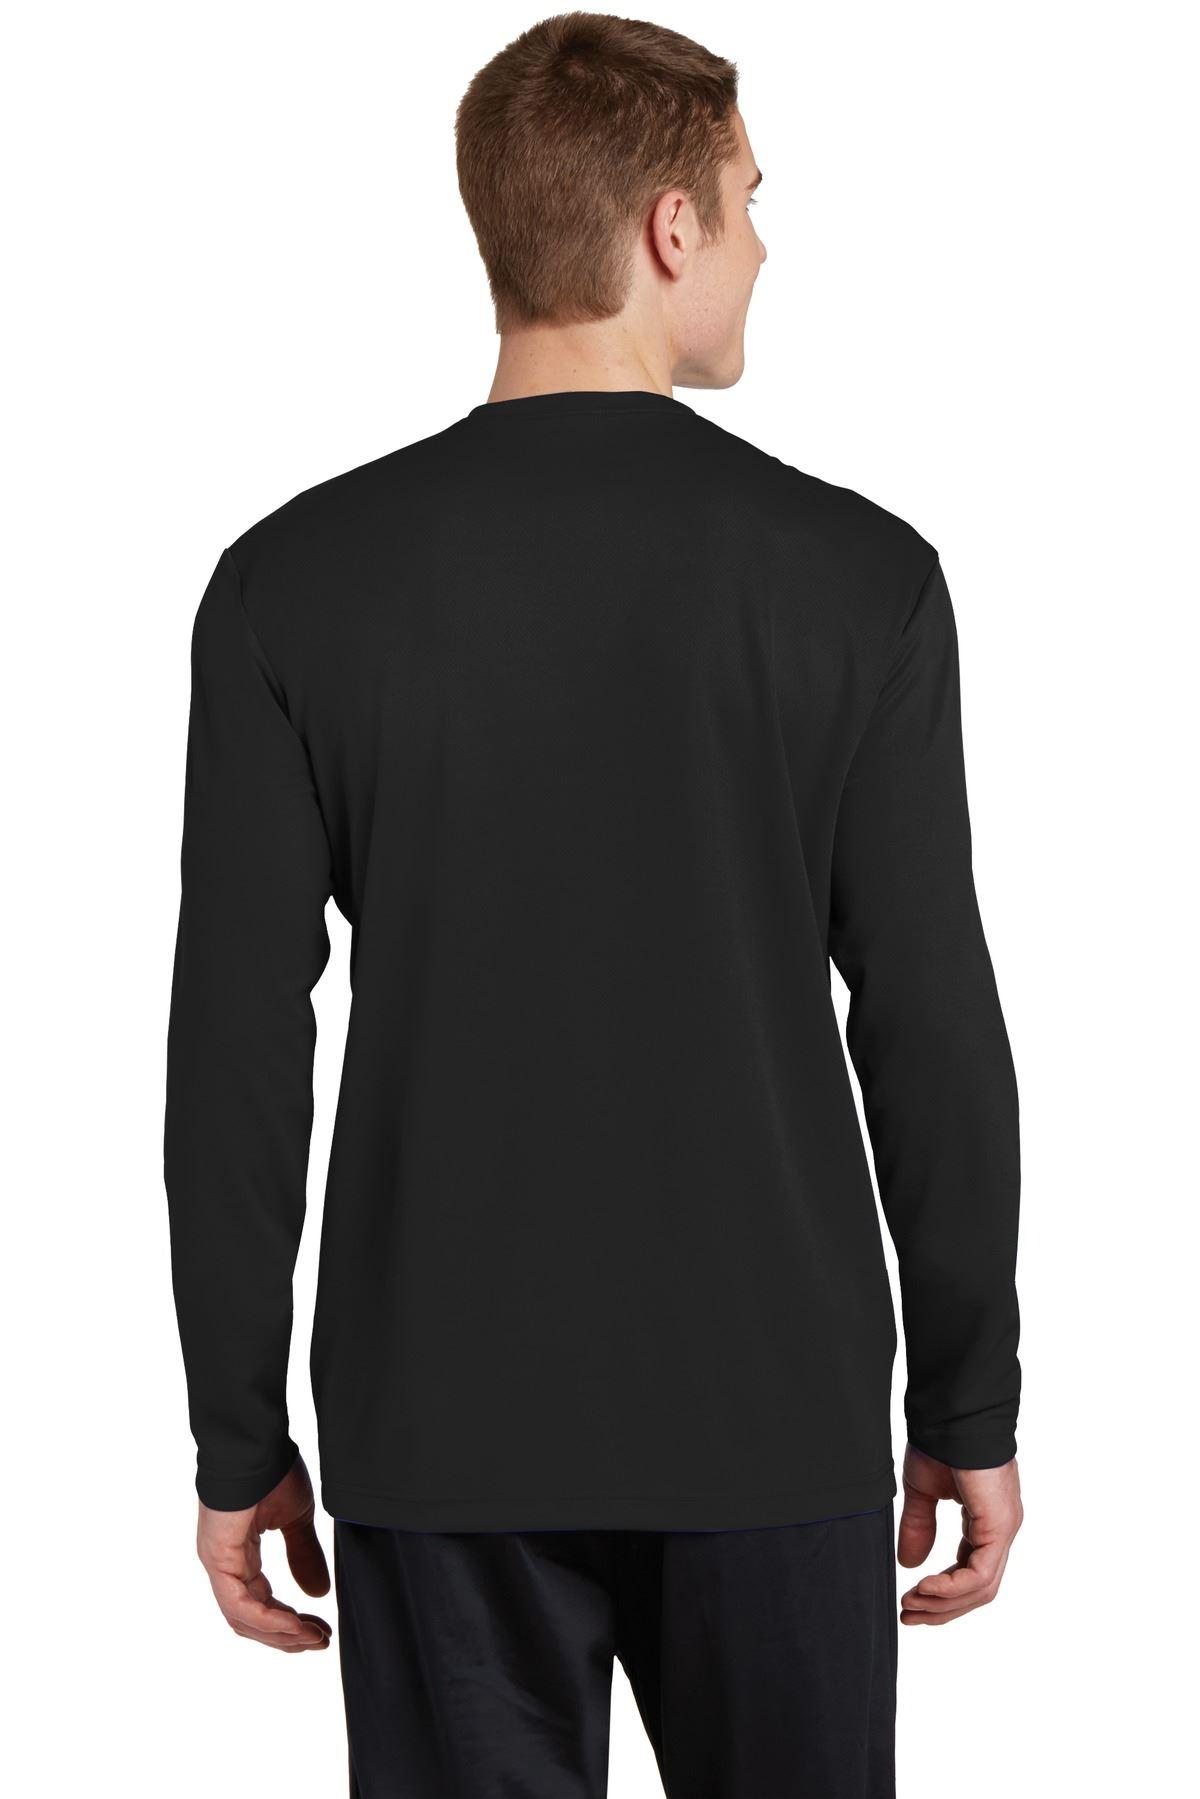 thumbnail 5 - Sport-Tek Men's Dry-Fit RacerMesh Moisture Wicking Long Sleeve T-Shirt ST340LS